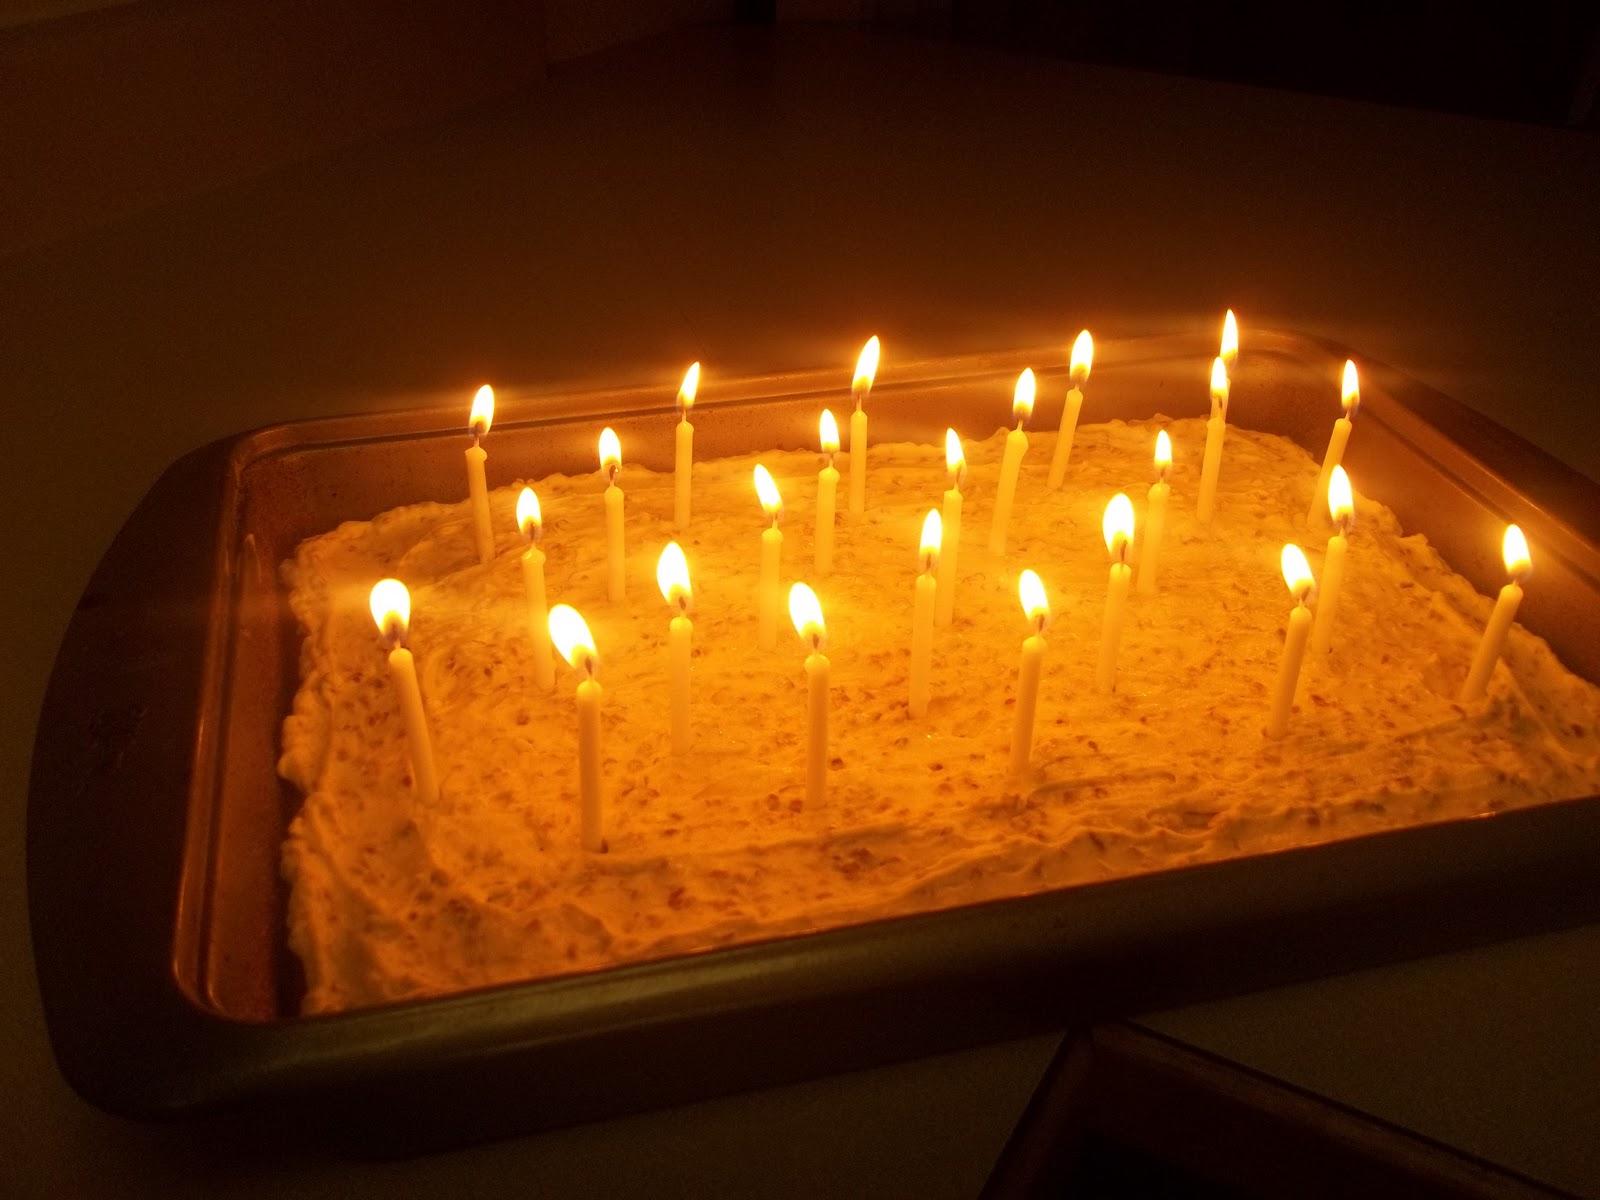 Happy Birthday My Dear Husband Happy birthday to my dear